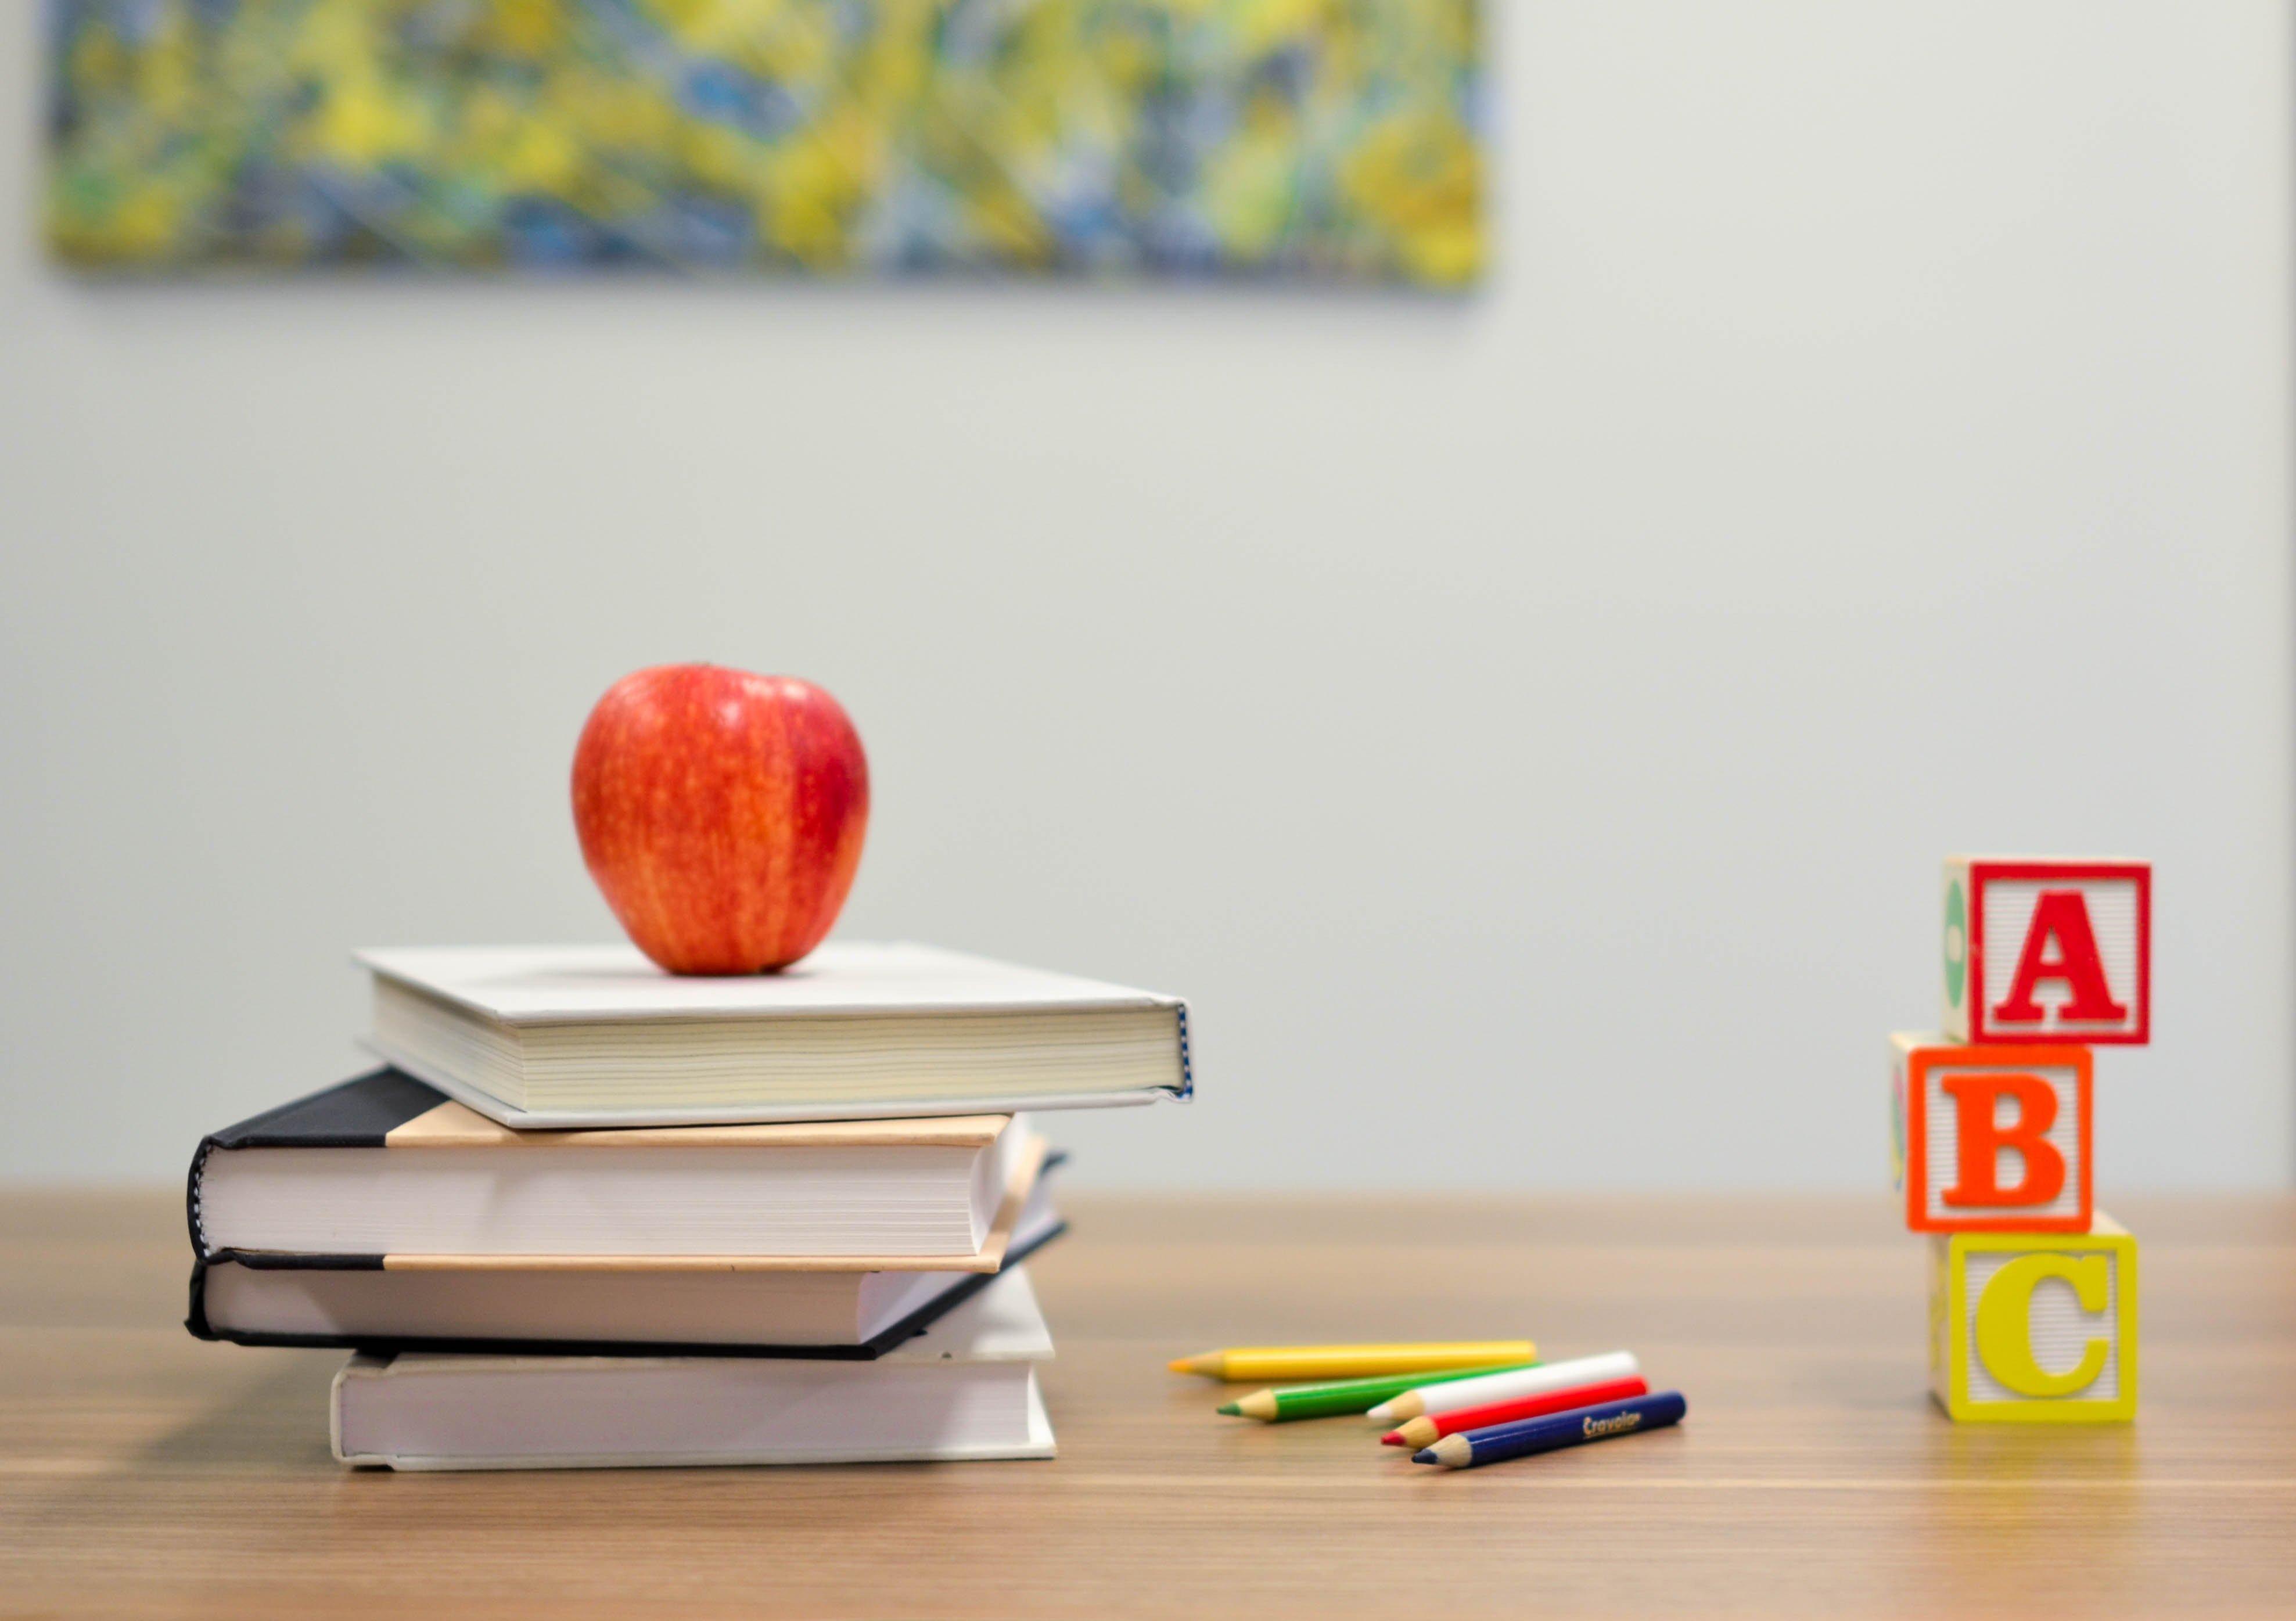 element5 digital 352043 unsplash.jpg?resize=300,169 - Le gouvernement souhaite supprimer les allocations familiales en cas d'absentéisme à l'école...